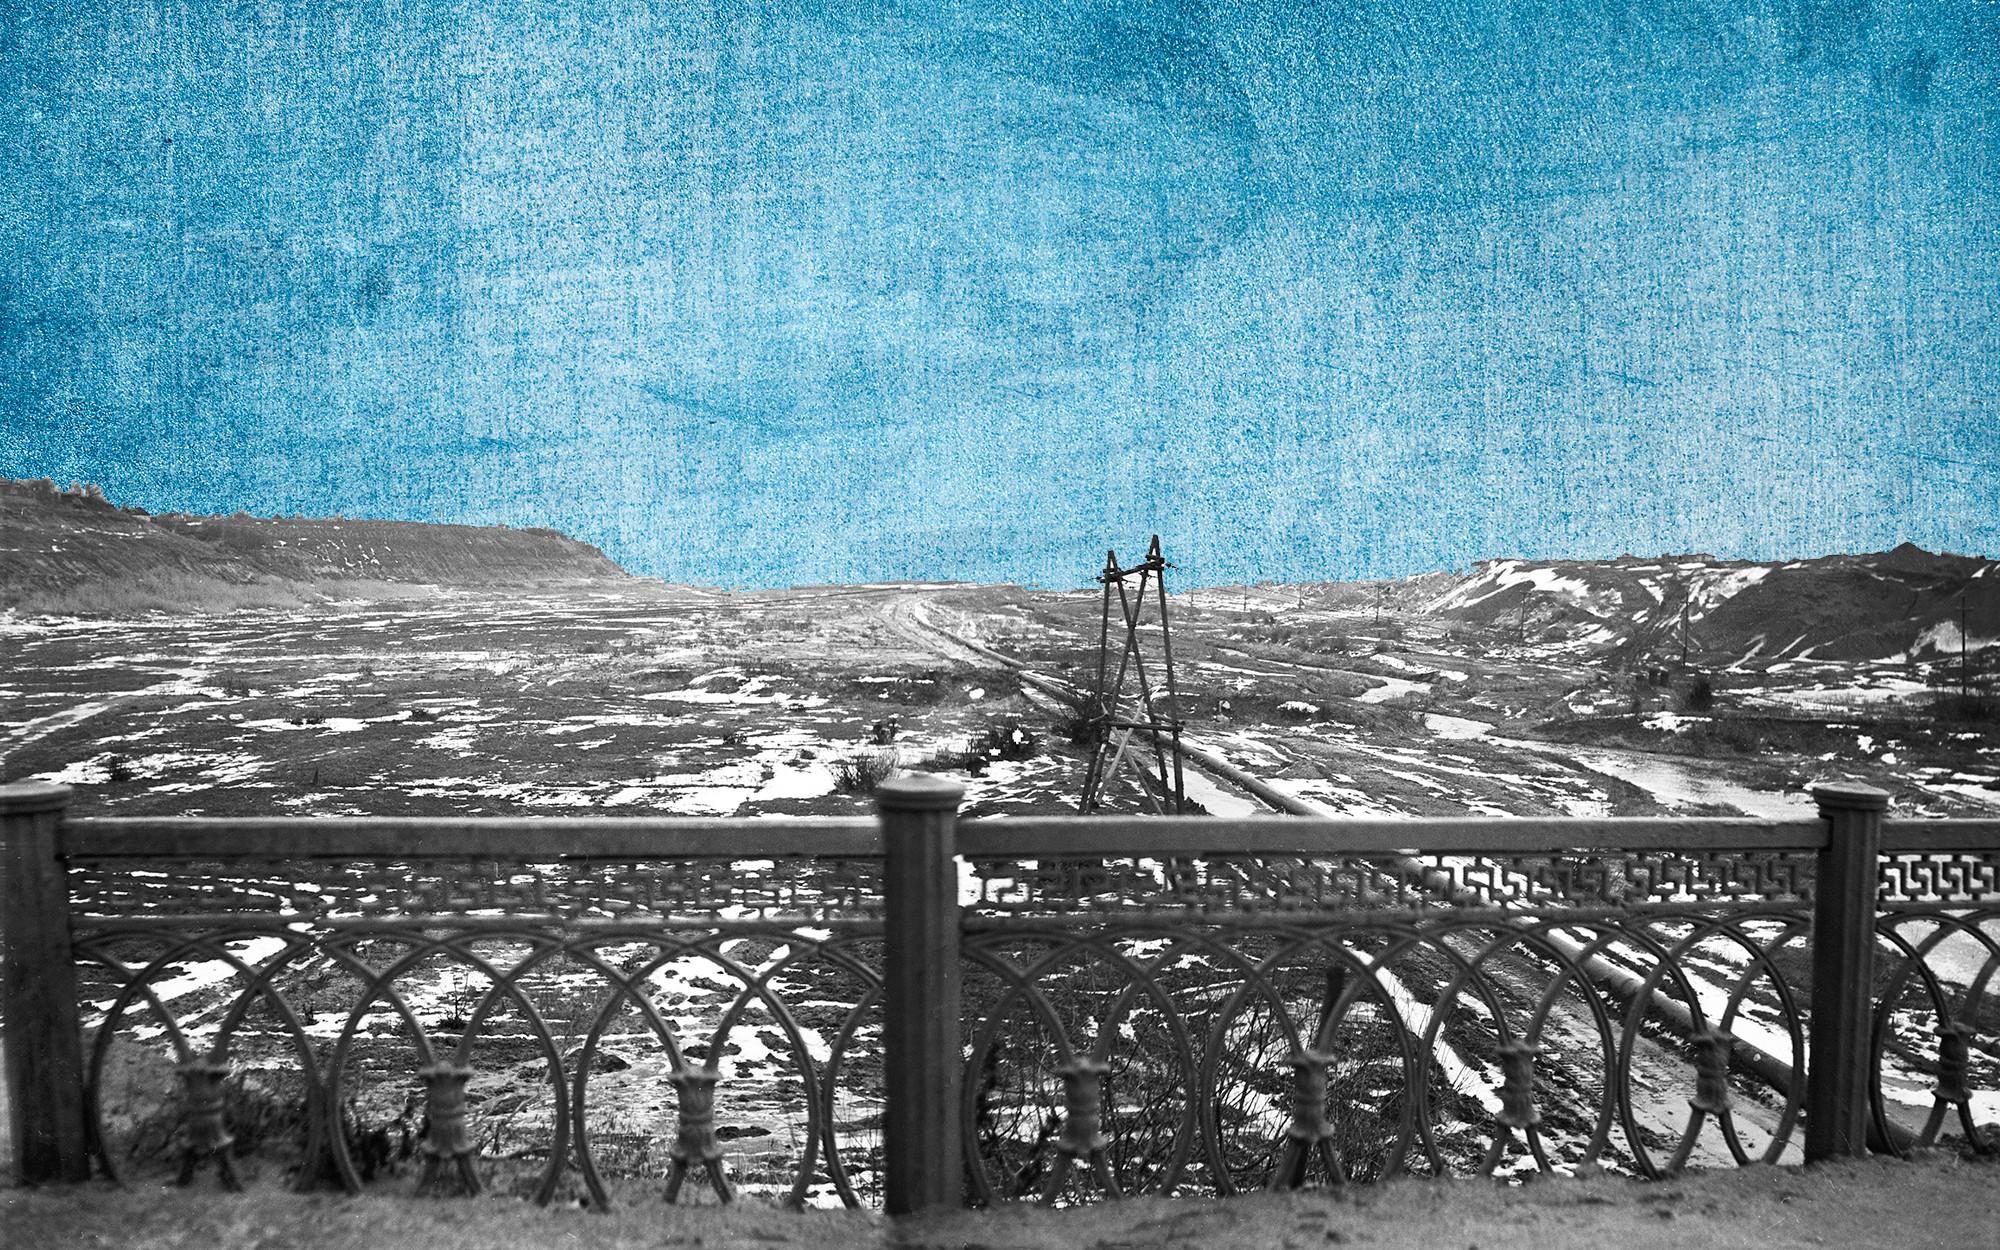 По этой лощине во время Великой Отечественной войны 1941–1945 годов немецкие войска вышли к Волге и захватили узкую полоску берега на севере Сталинграда. Панорама. Коллаж © L!FE. Фото: © РИА Новости / И. Павлов